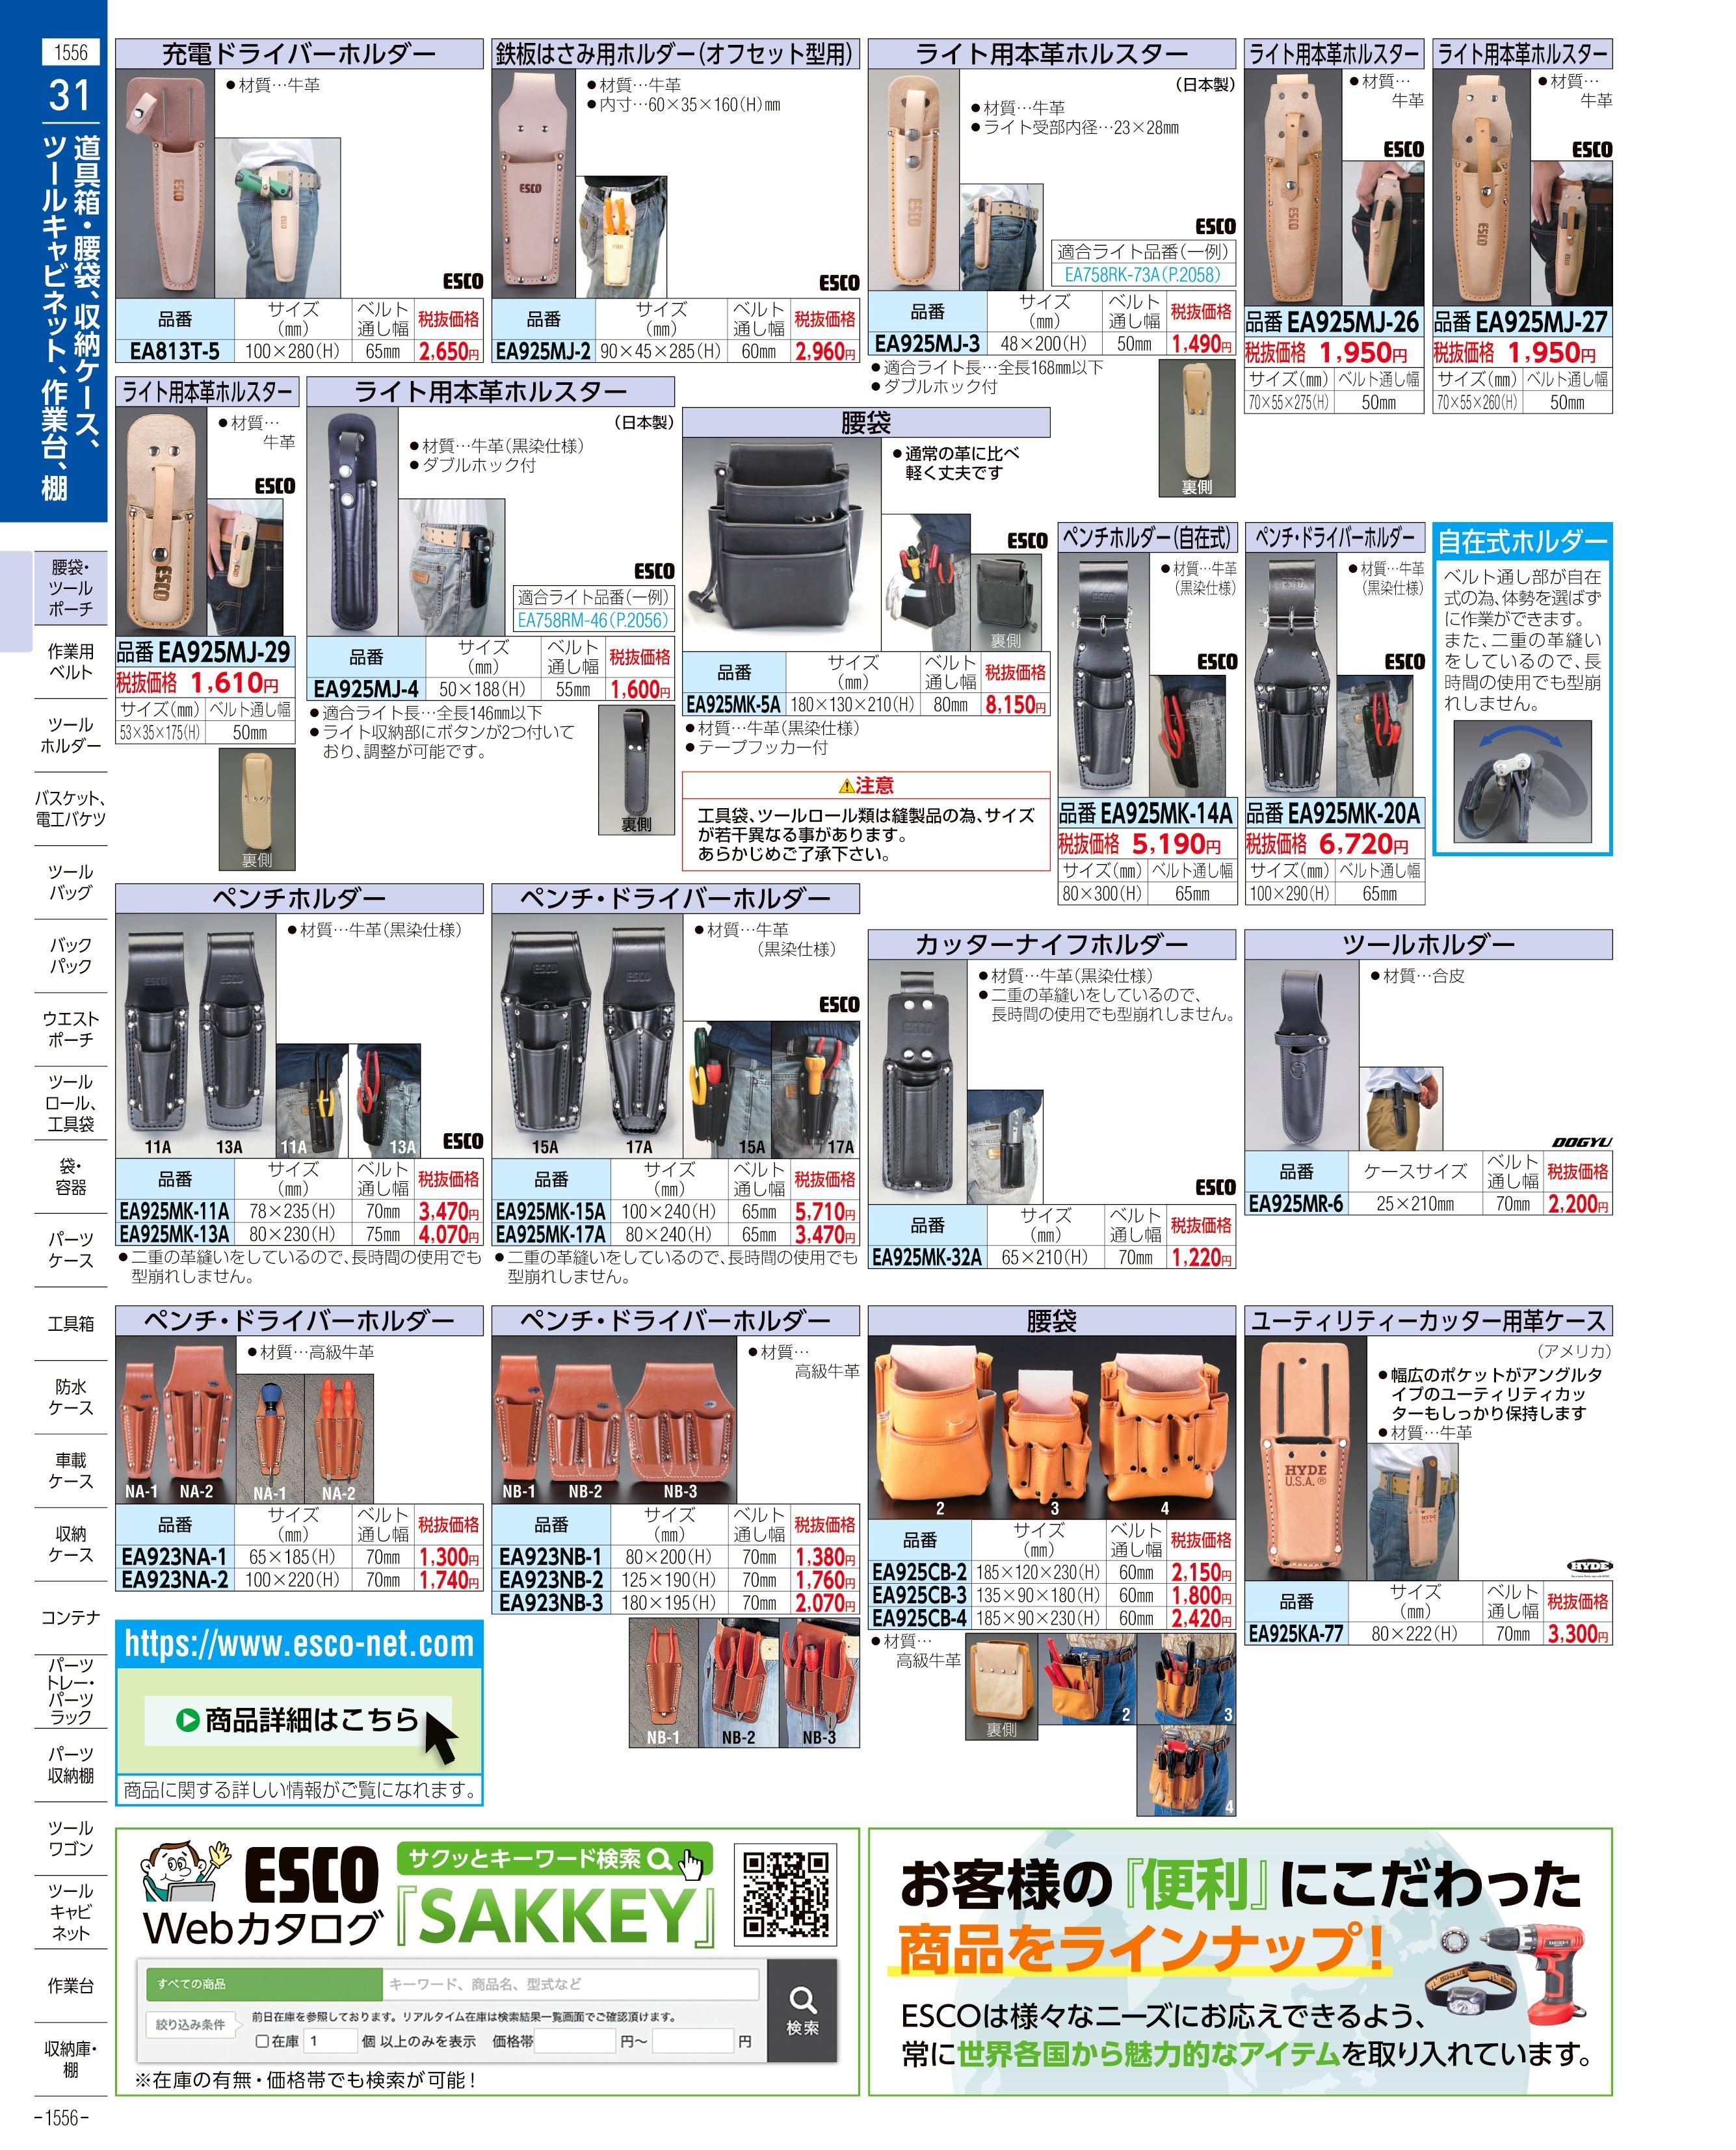 エスコ便利カタログ1556ページ